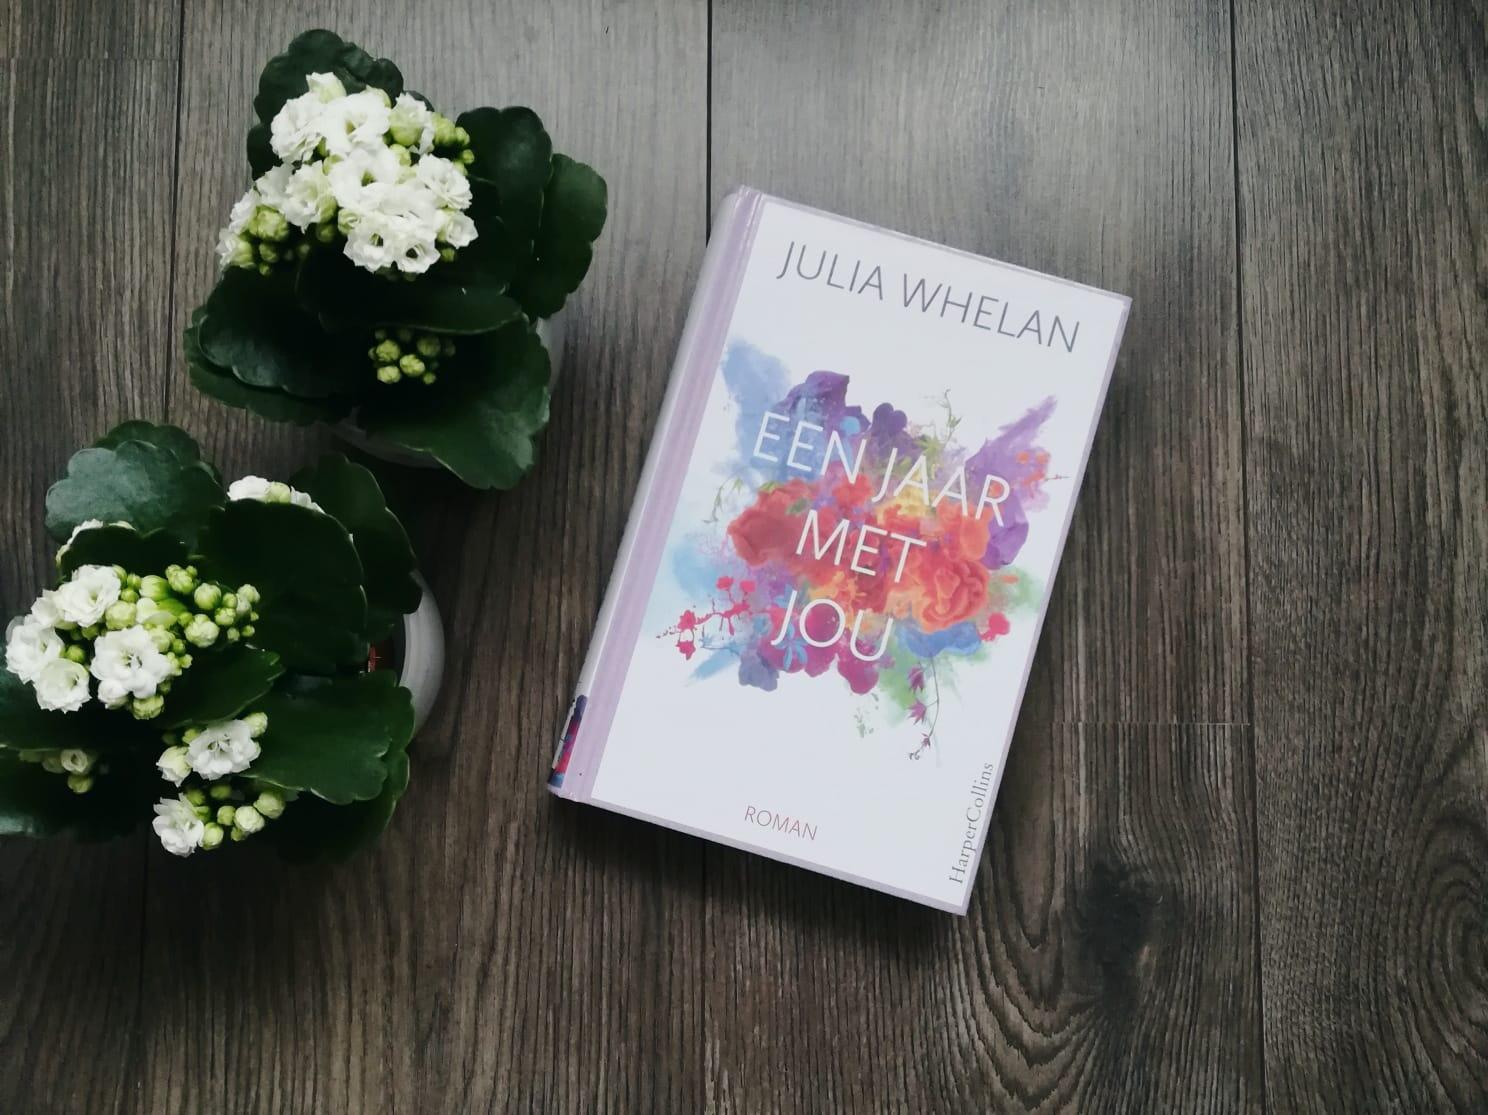 Een jaar met jou - Julia Whelan | Marieke's Books